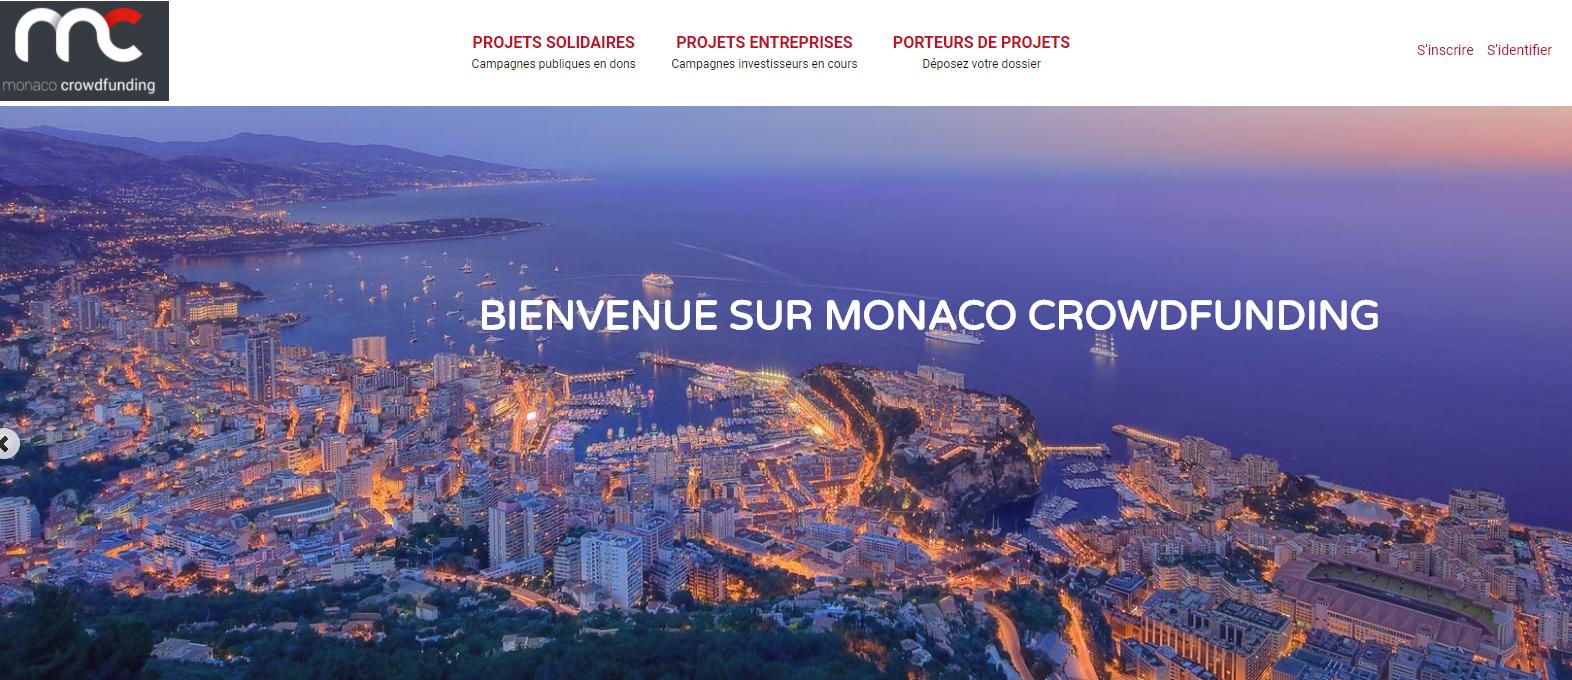 Rencontre avec Sébastien Prat, fondateur de la plateforme Monaco Crowdfunding